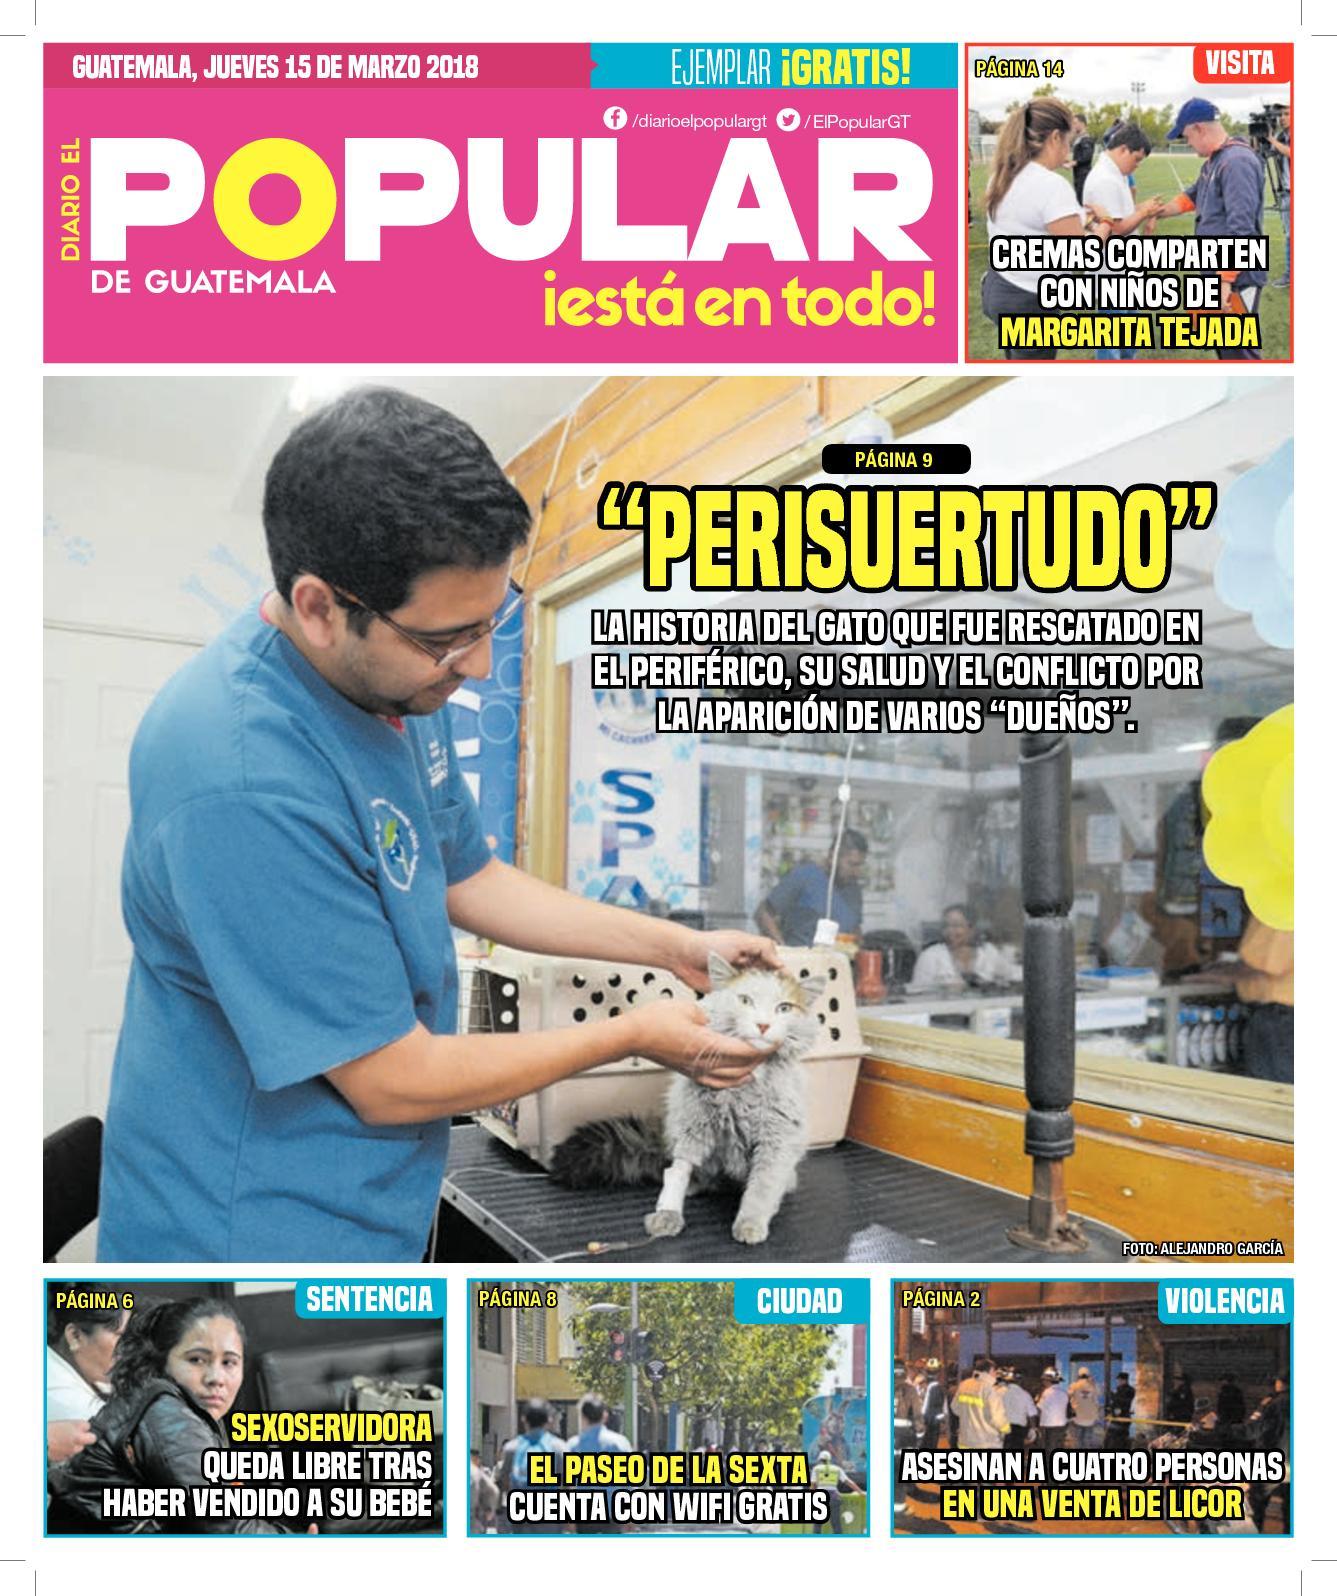 EL POPULAR GUATEMALA 15032018